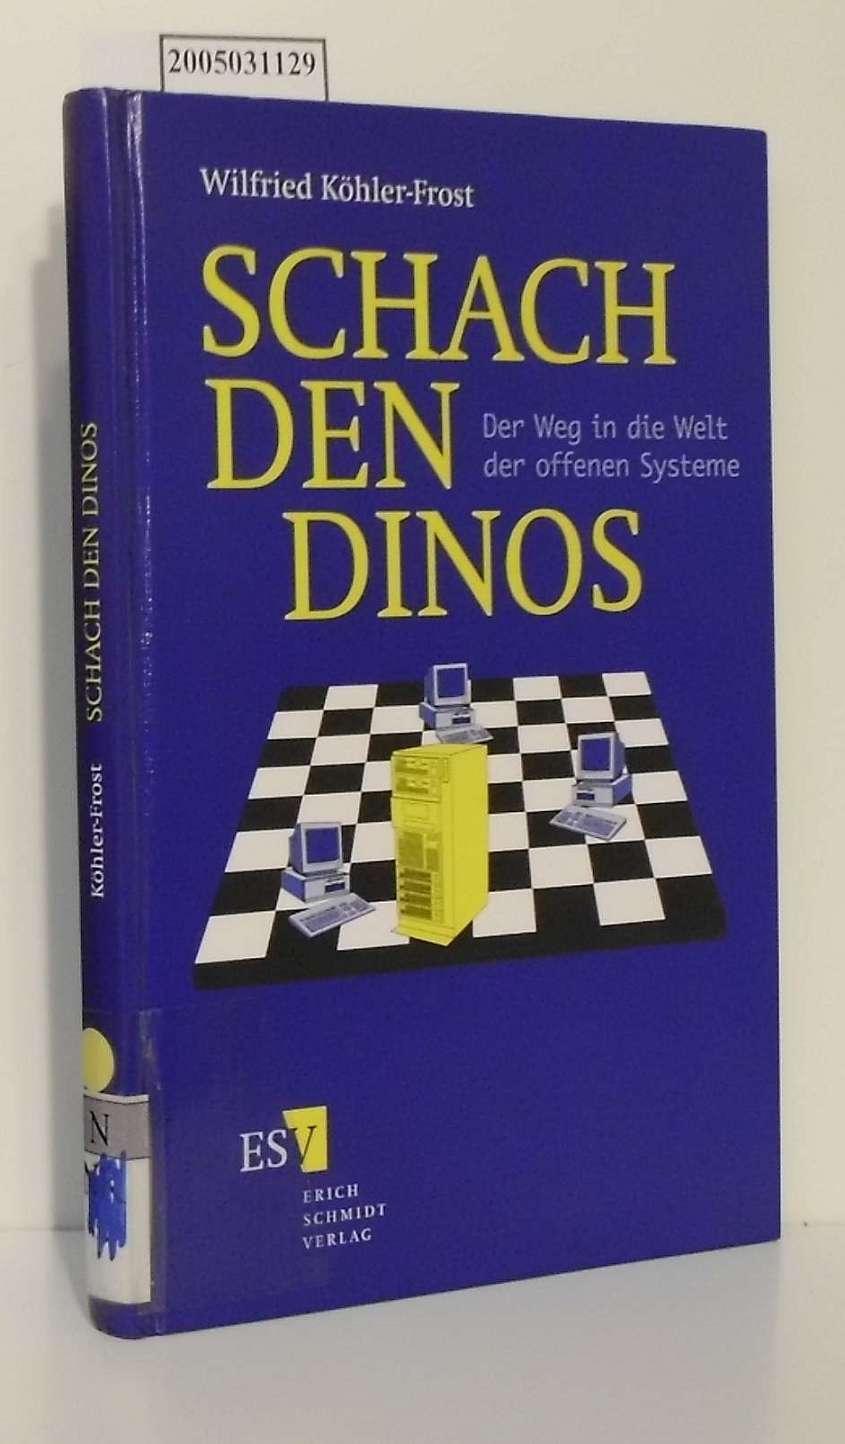 Schach den Dinos der Weg in die Welt der offenen Systeme / von Wilfried Köhler-Frost